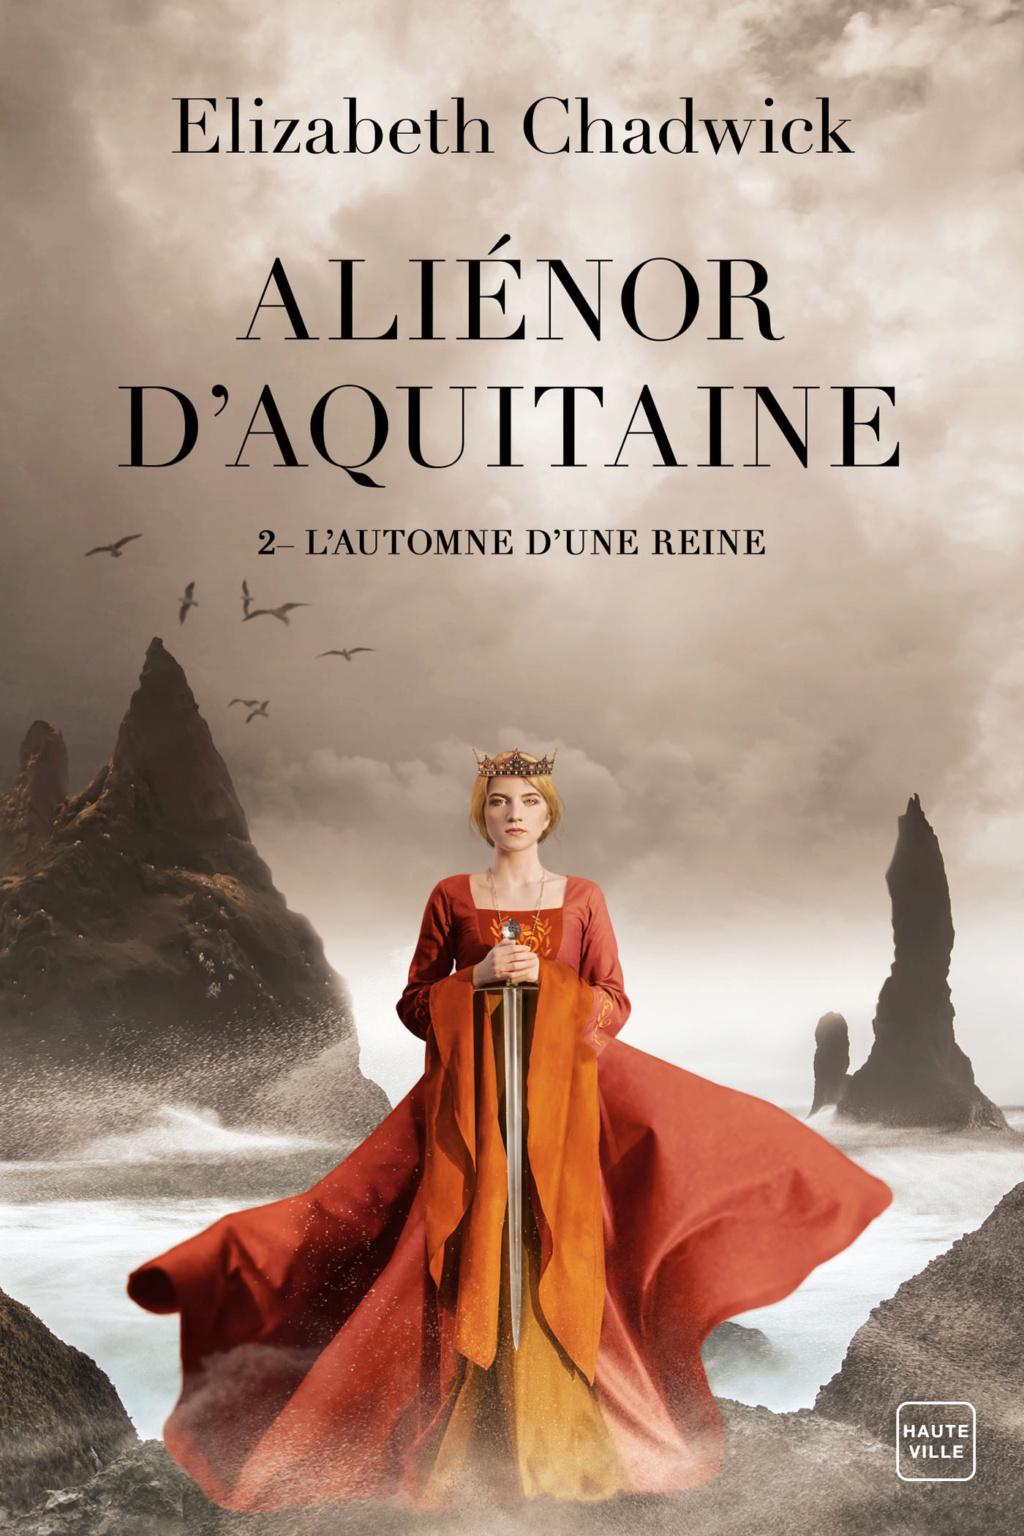 Les parutions en romance - Septembre 2020 Alieno12